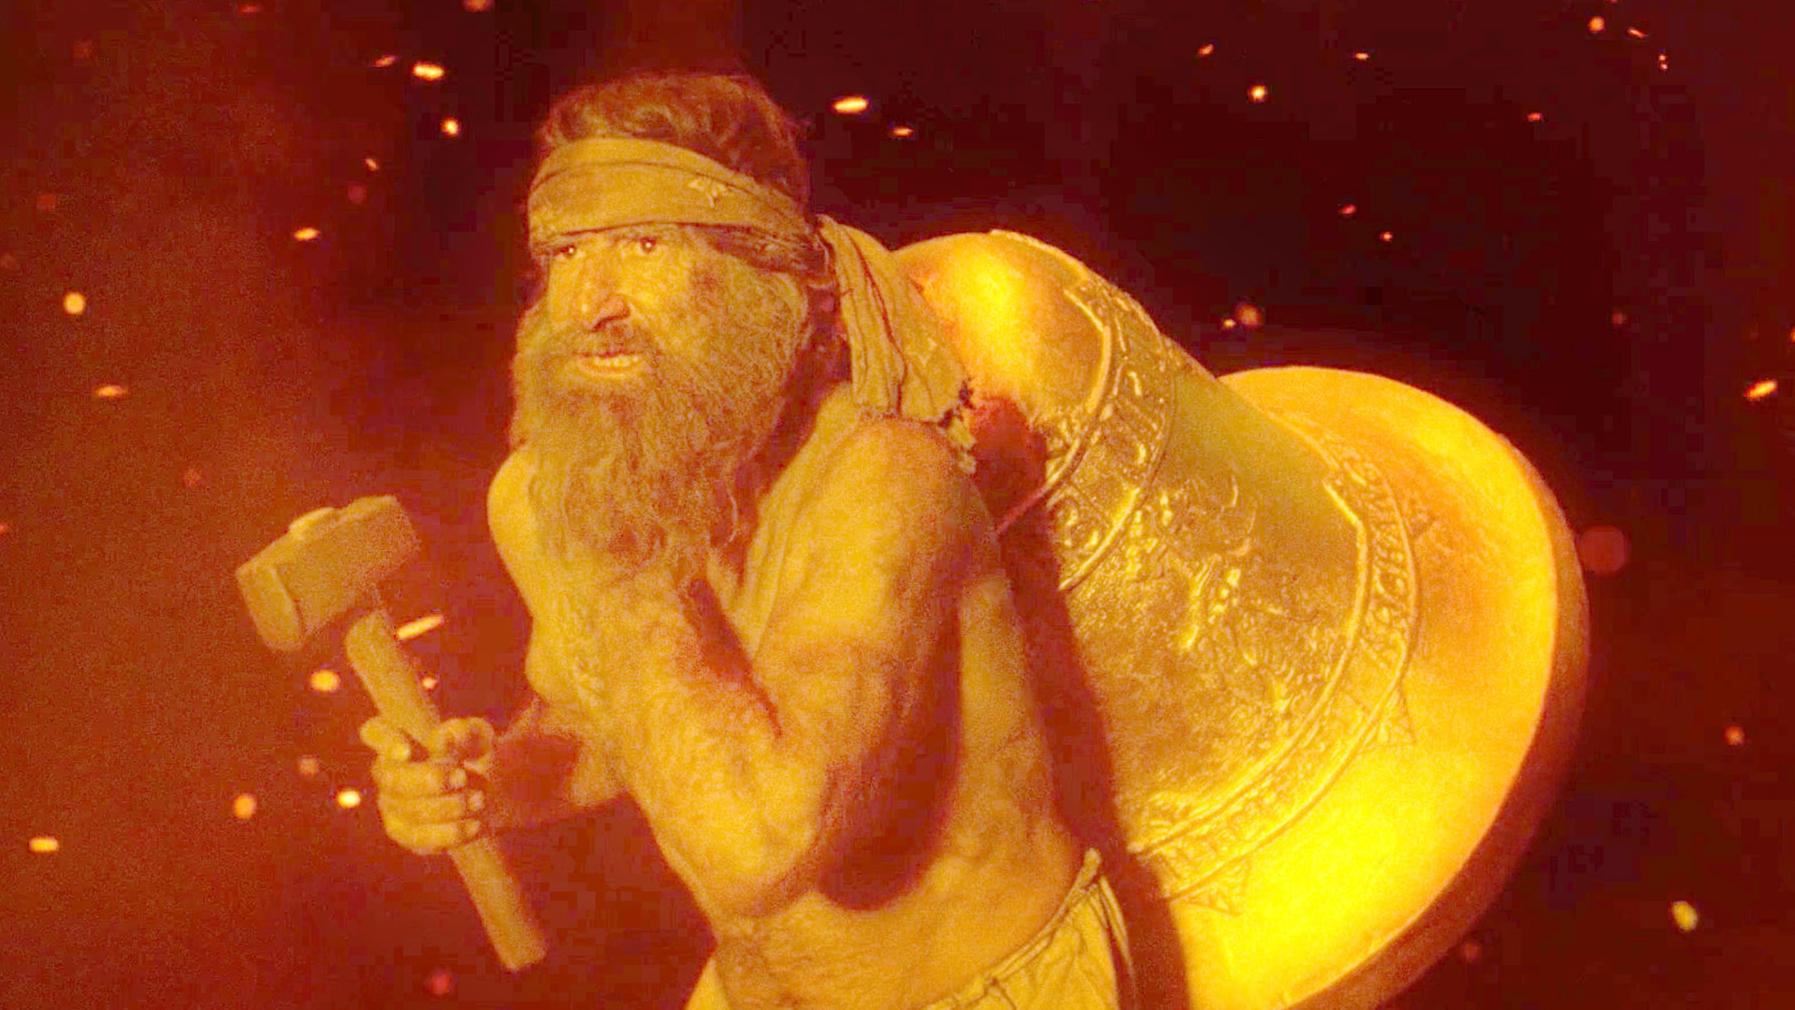 """男子背着一口金钟,独自闯入地狱,竟然成为了恶魔的""""克星""""!速看奇幻电影《地狱铁匠》"""